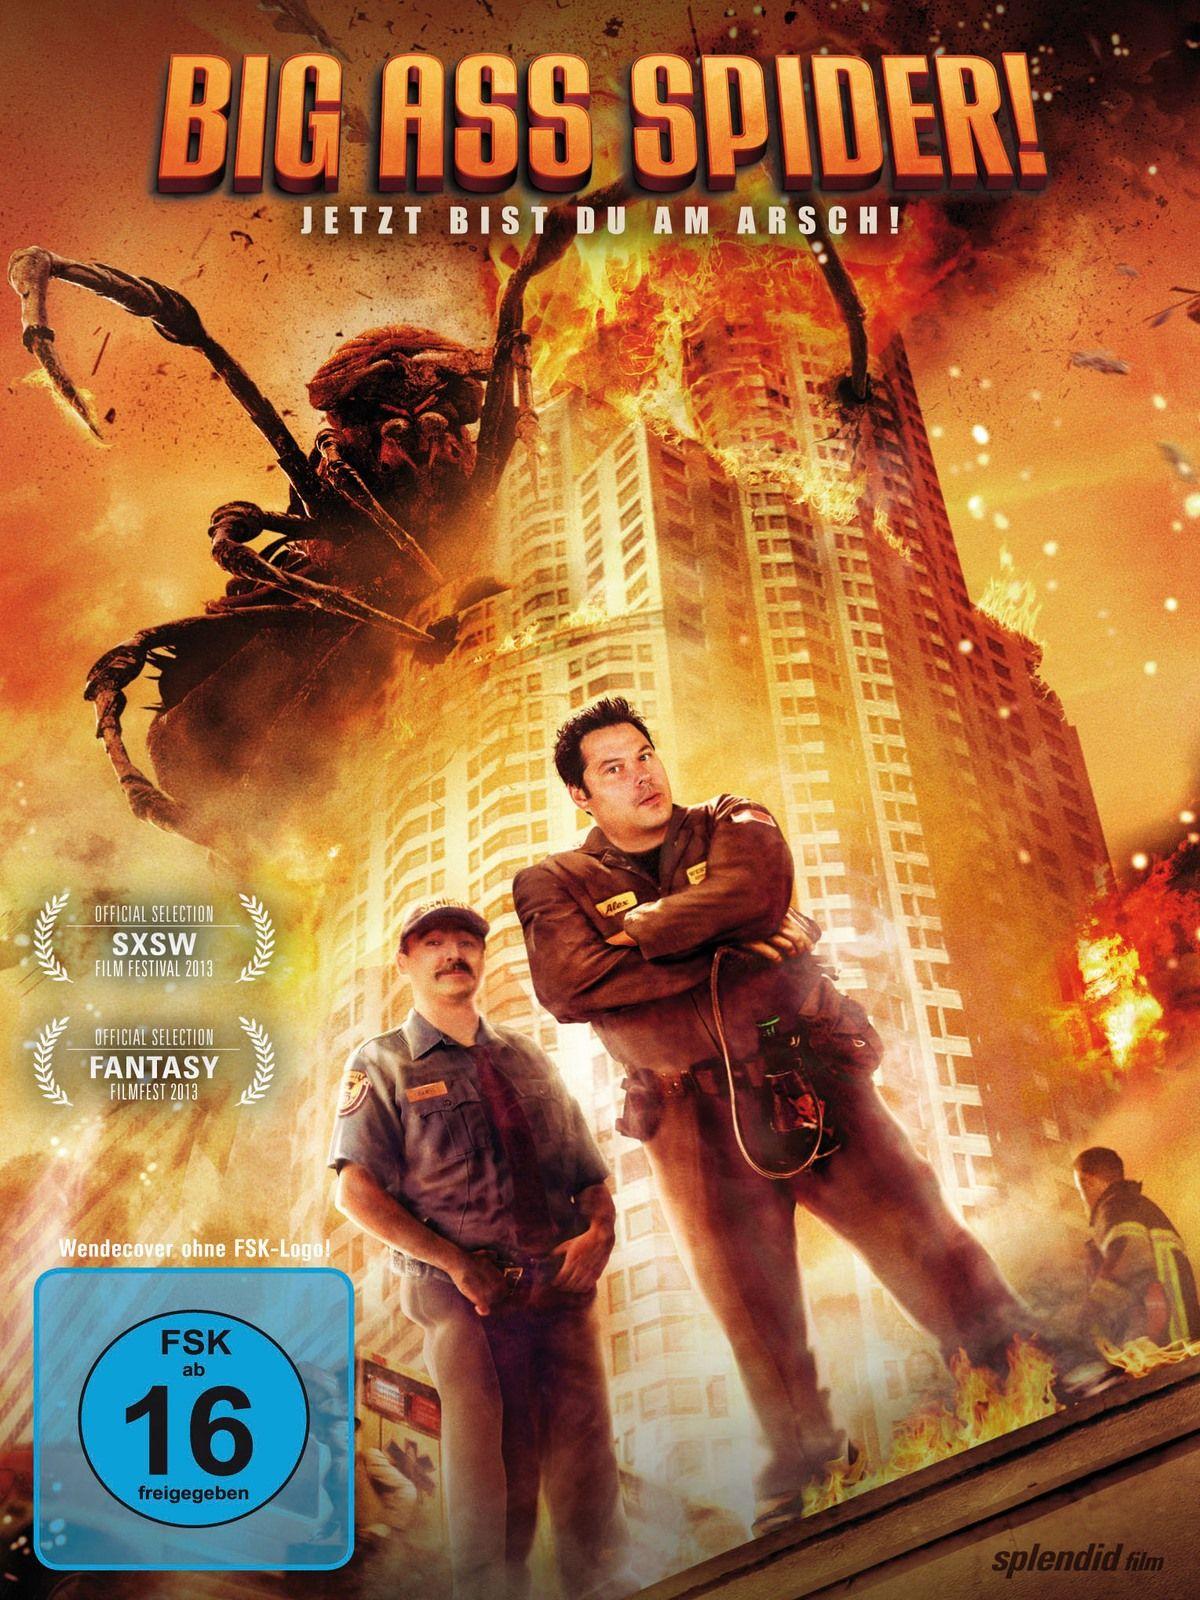 Big Ass Spider ★★★★★★★★★★★★★★★★★★★★★★★★★ ► Mehr Infos zum Film auf ➡ http://www.splendid-film.de/ceemes//article/show/163532 & im O-Ton auf ➡ http://www.bigassspider.com - und wir freuen uns sehr auf Euren Besuch! ★★★★★★★★★★★★★★★★★★★★★★★★★ Alle Trailer in unserem Kanal ➡ http://YouTube.com/VideothekPdm - wir wünschen BESTE Unterhaltung! ◄ ★★★★★★★★★★★★★★★★★★★★★★★★★ #BigAssSpider #ScienceFiction #SciFi #Action #Horror #Komoedie #Film #Verleih #VCP #VideoCollection #Videothek #Potsdam #DVD…